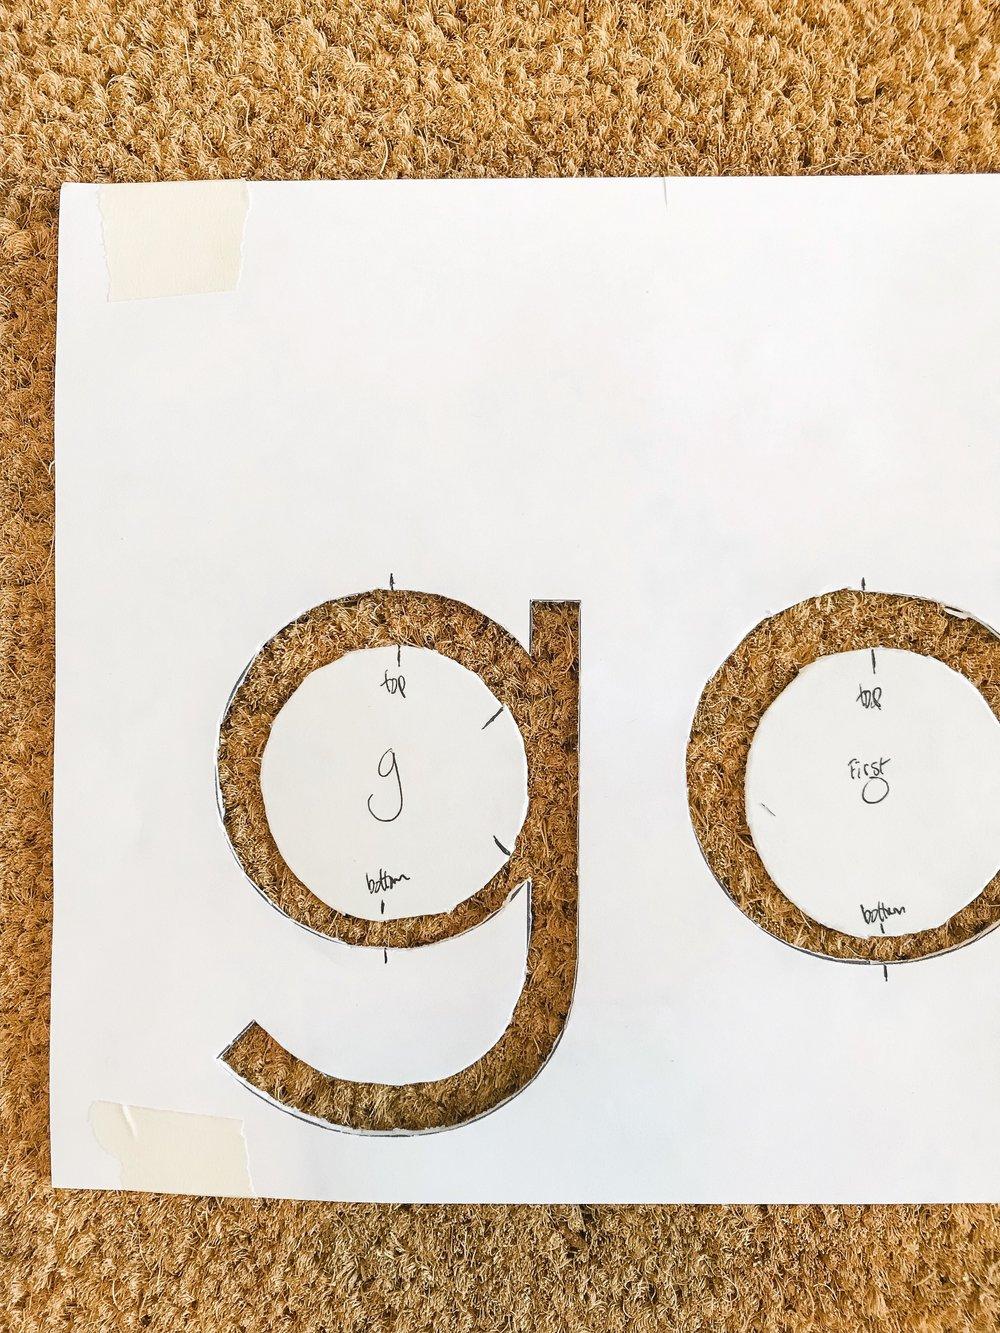 how-to-make-diy-doormat-08.jpg